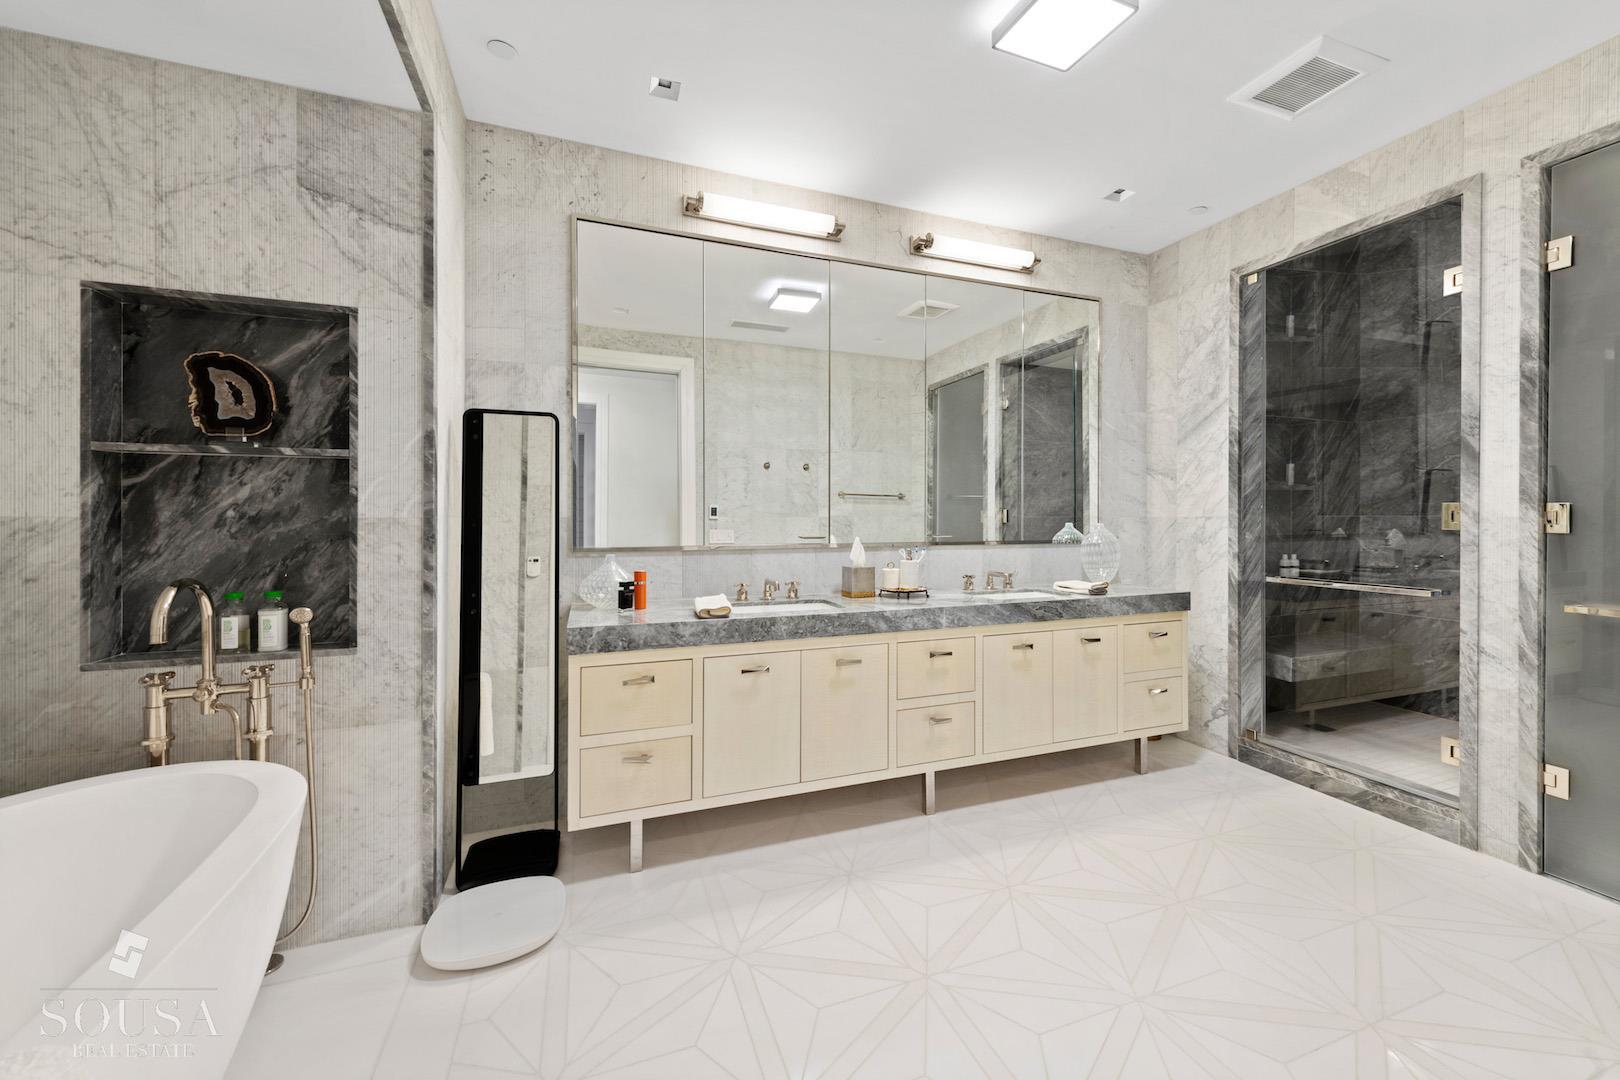 212 Fifth Avenue Interior Photo